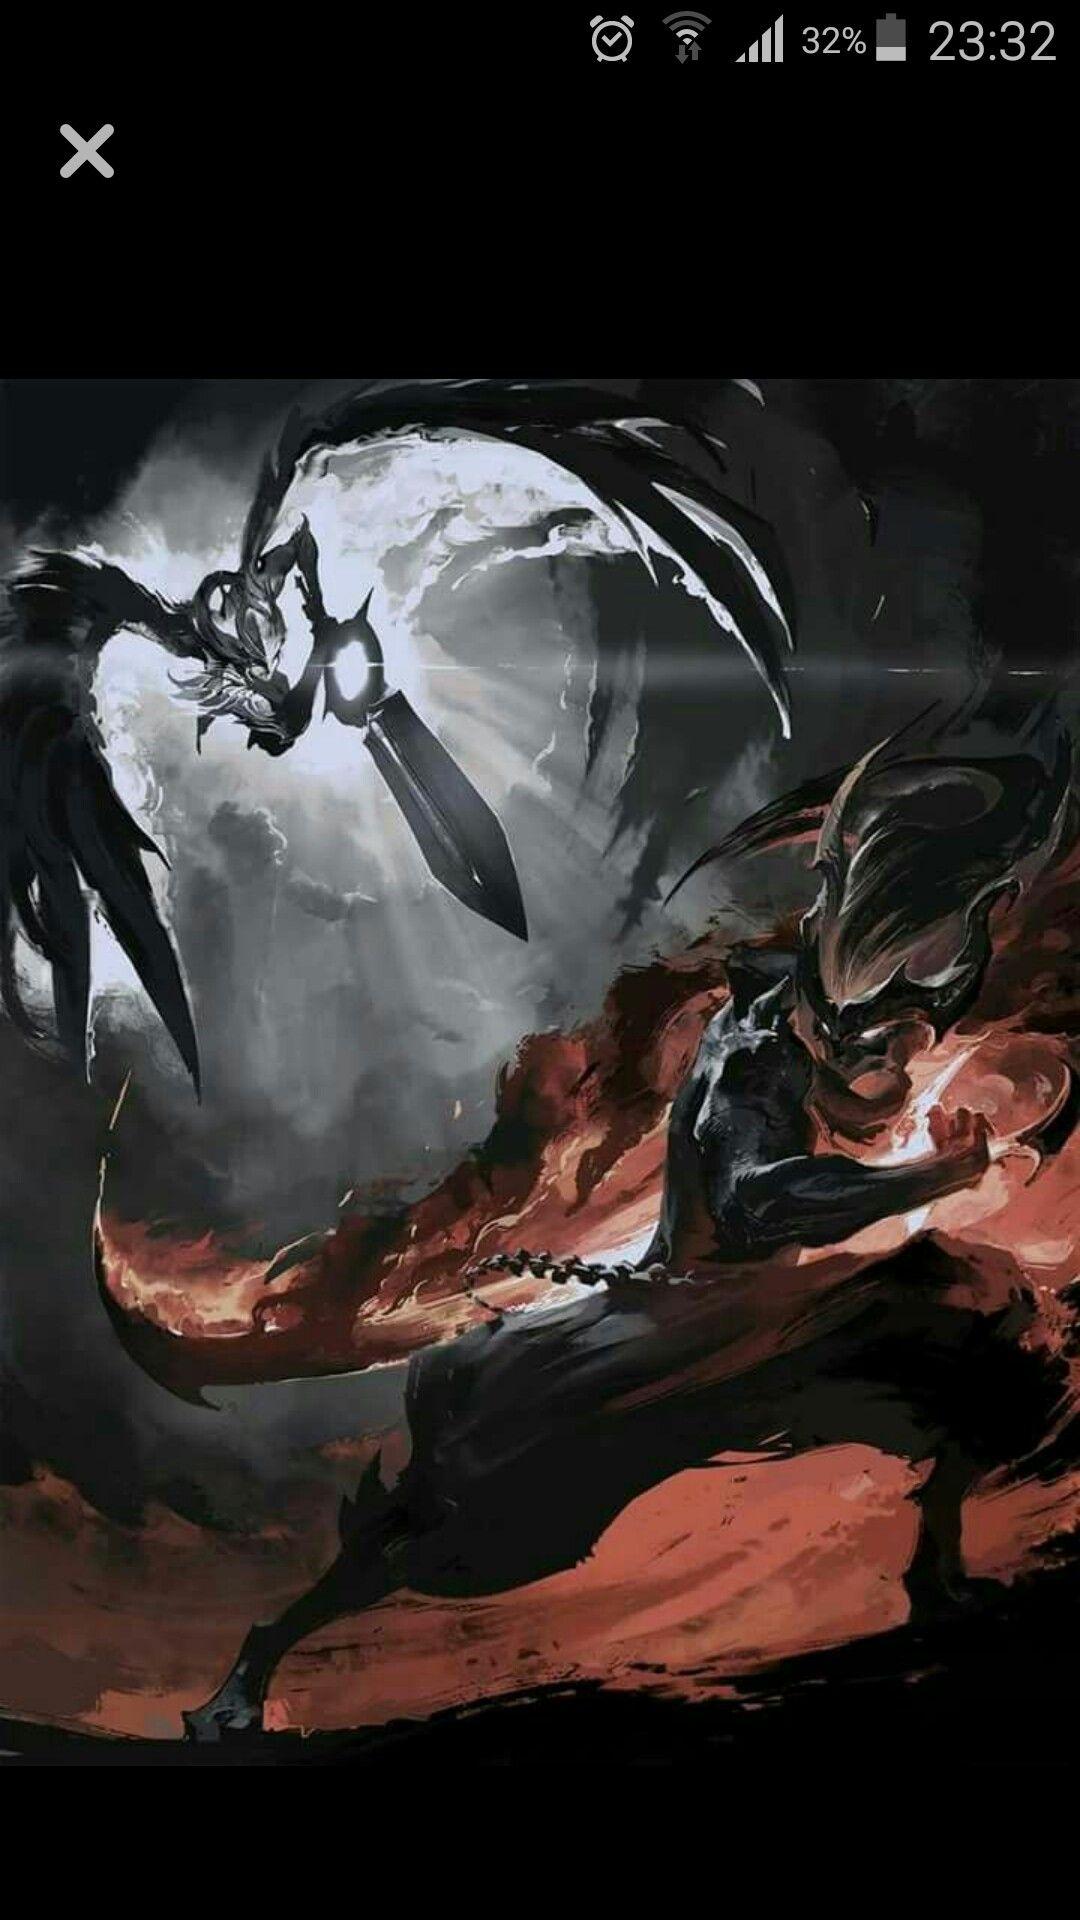 League Of Legends Riven And Yasuo League Of Legends Art League